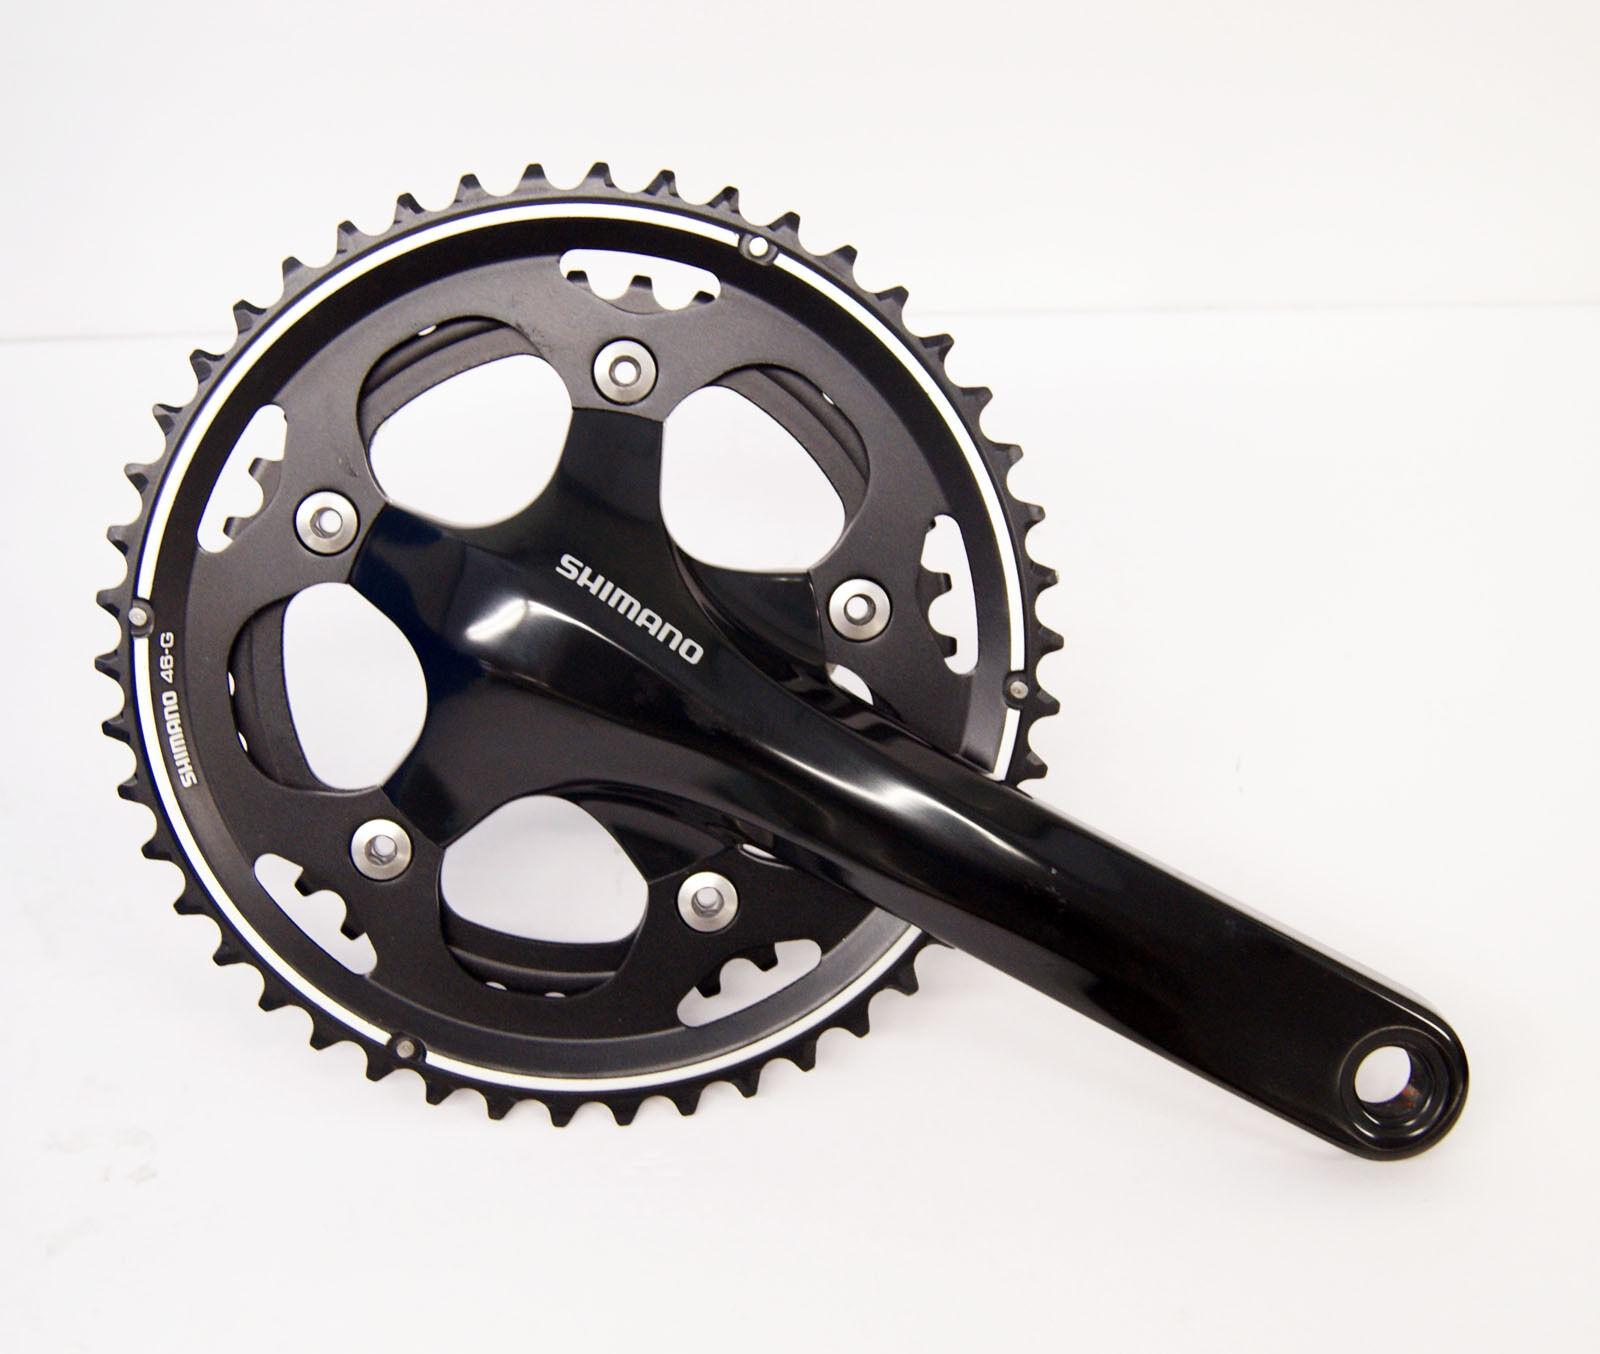 Shimano ciclocross FC-CX50 46-36T Negro 175 mm bielas efccx 50EX66L